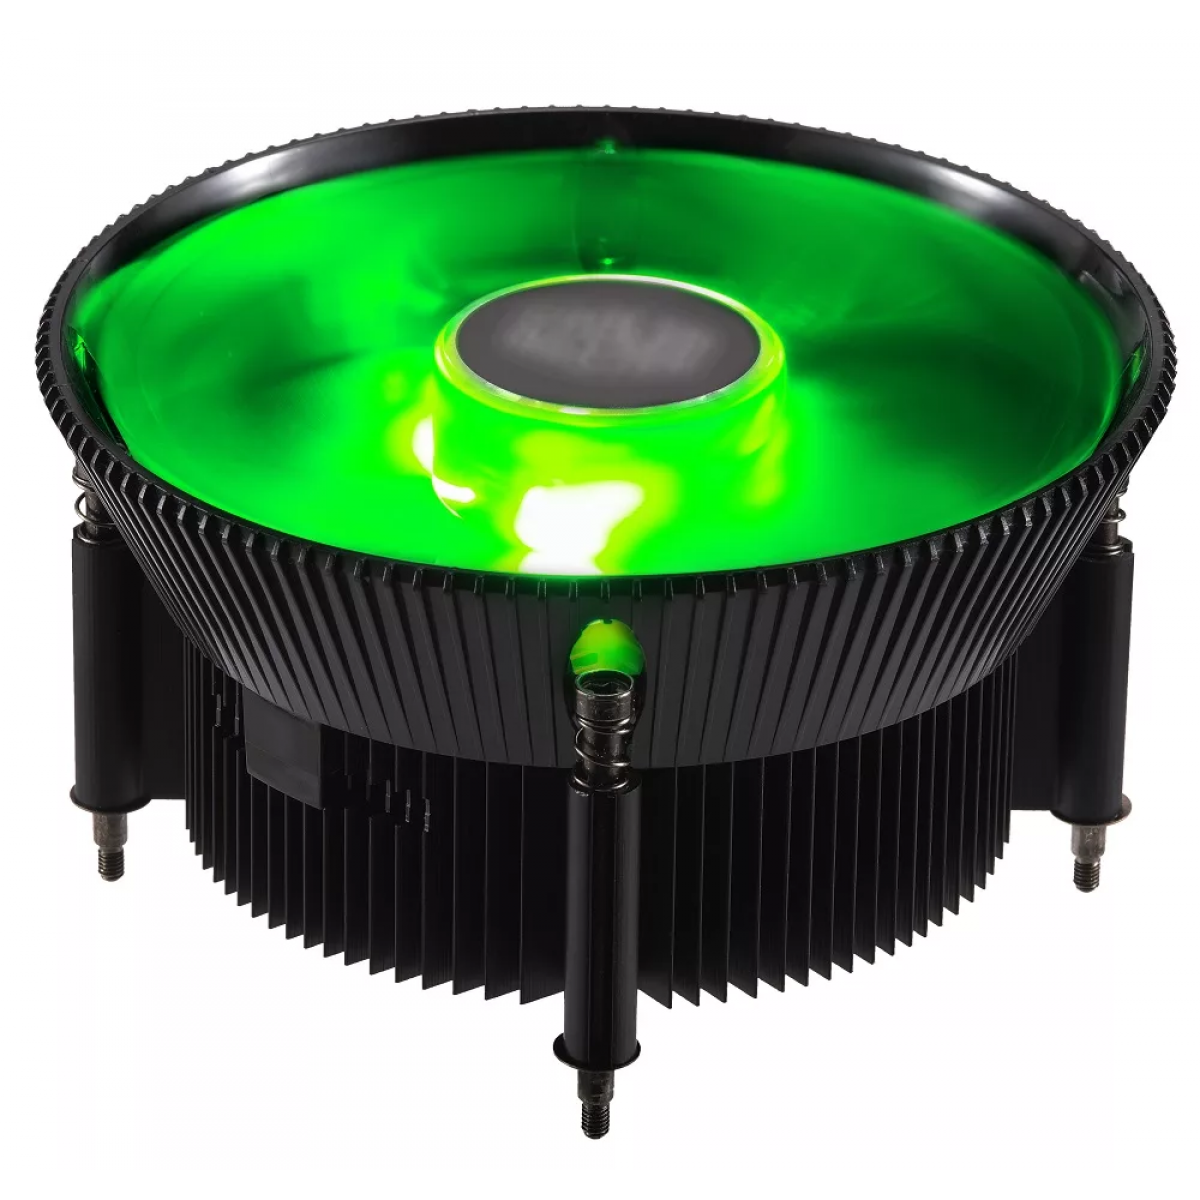 Cooler para Processador Cooler Master Standard I71C, RGB, 120mm, Intel, Com Controlador, RR-I71C-20PC-R1